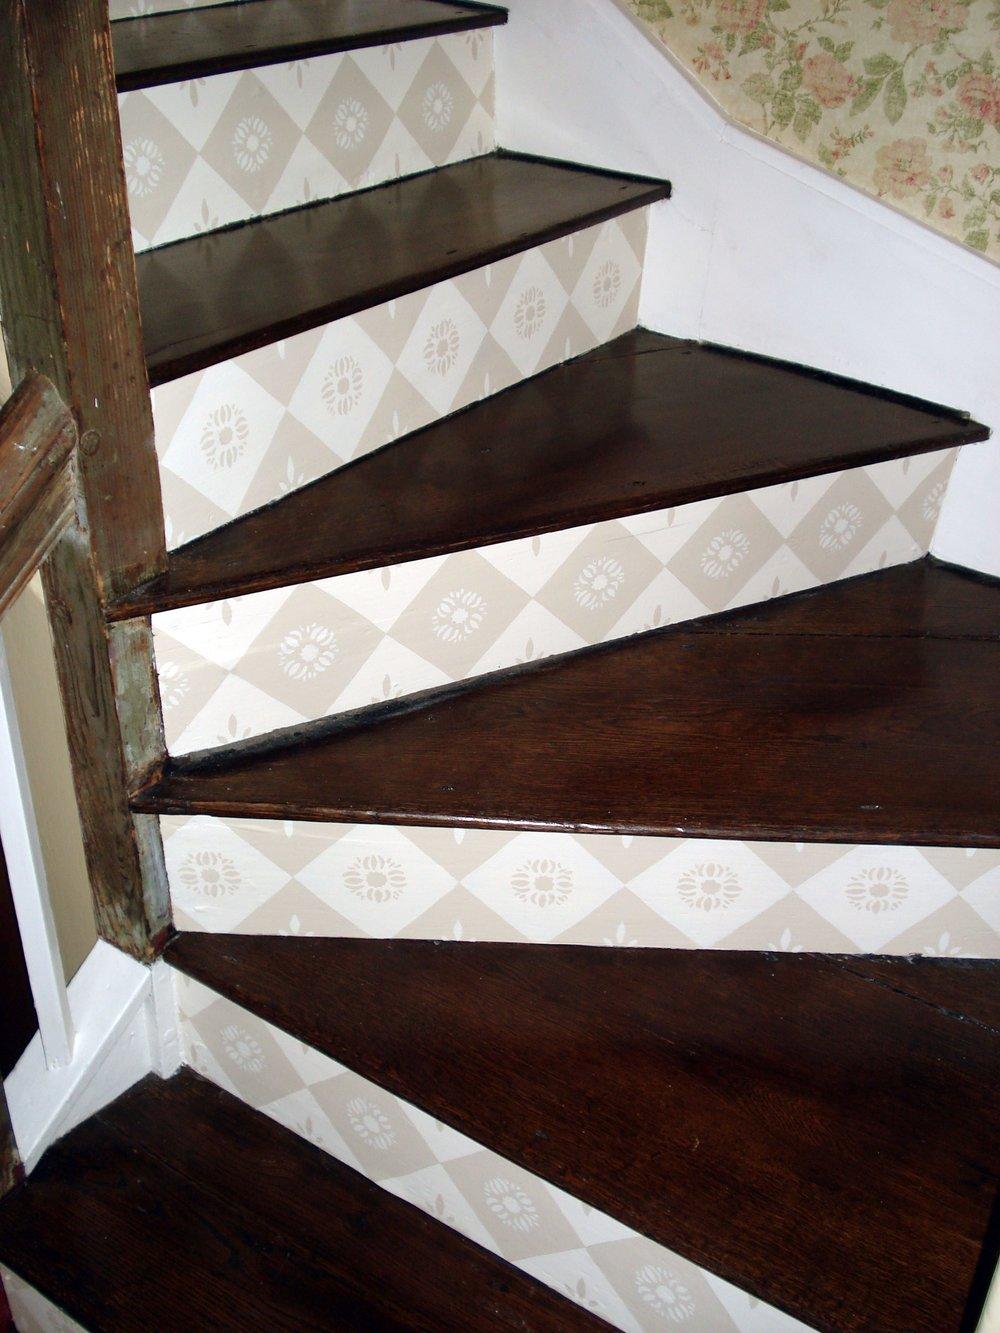 historical_6_fullsize.jpg stairs.jpg